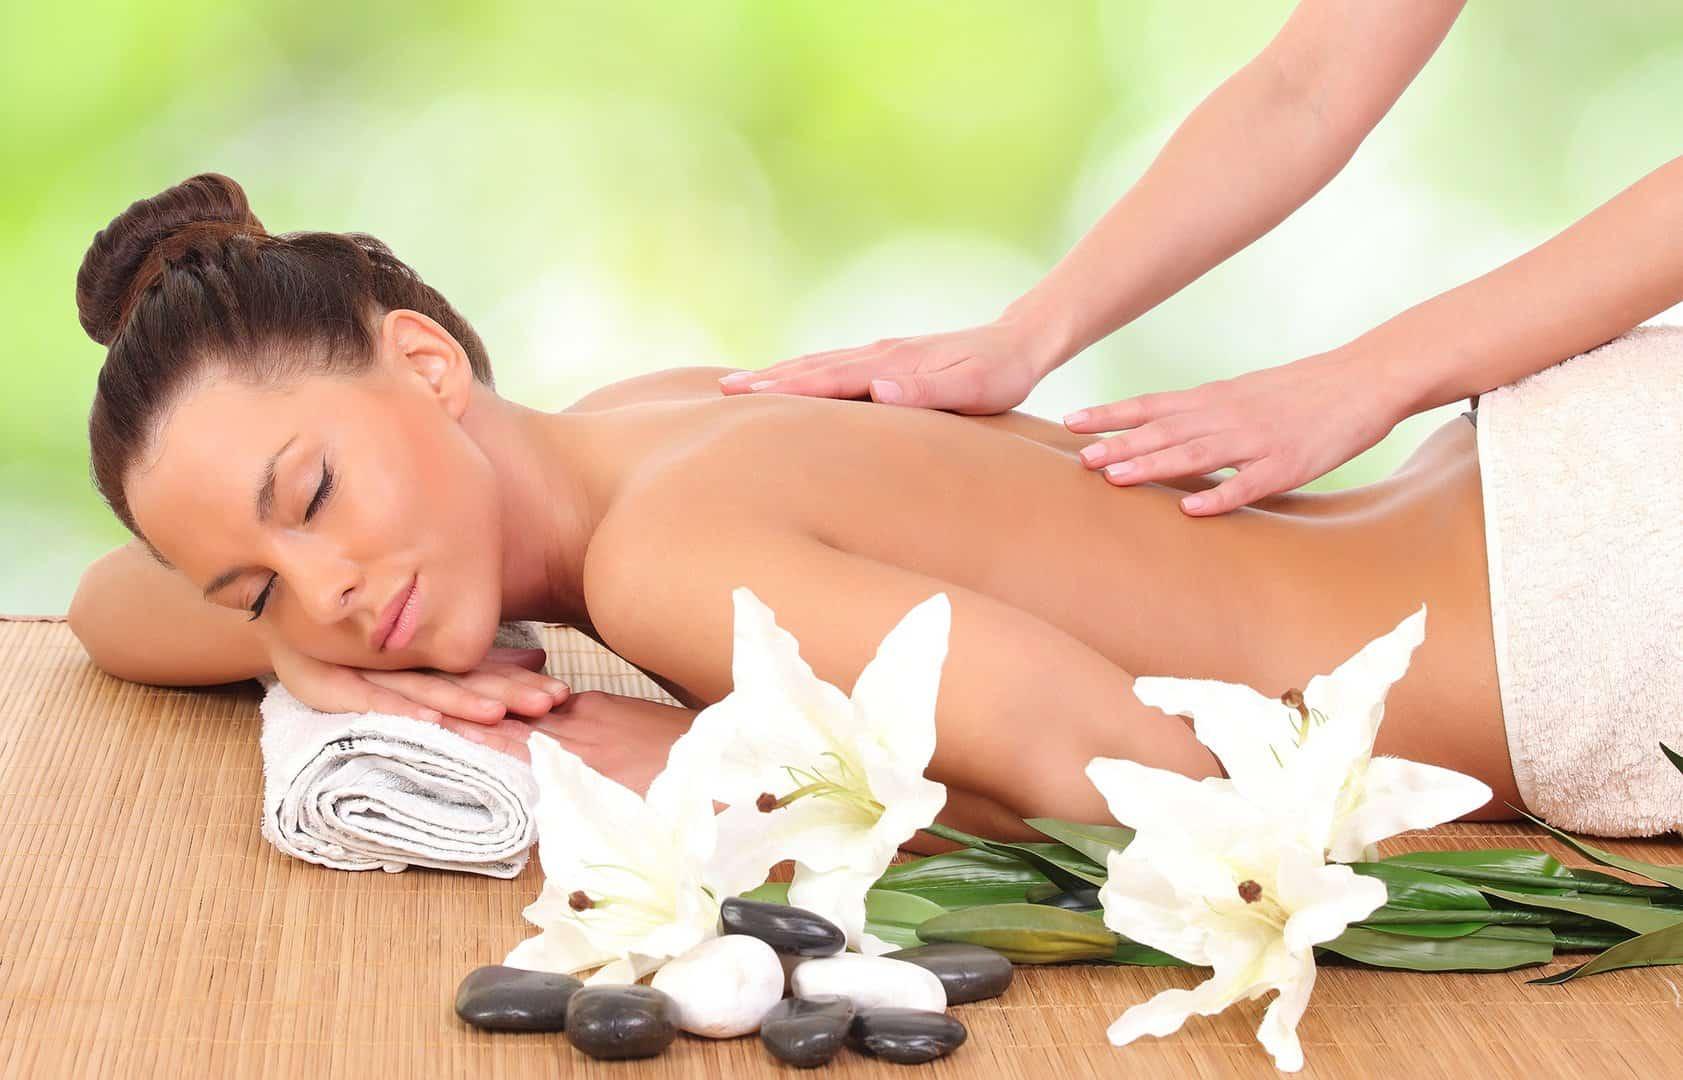 массаж полезен для профилактики заболеваний эндокринной системы